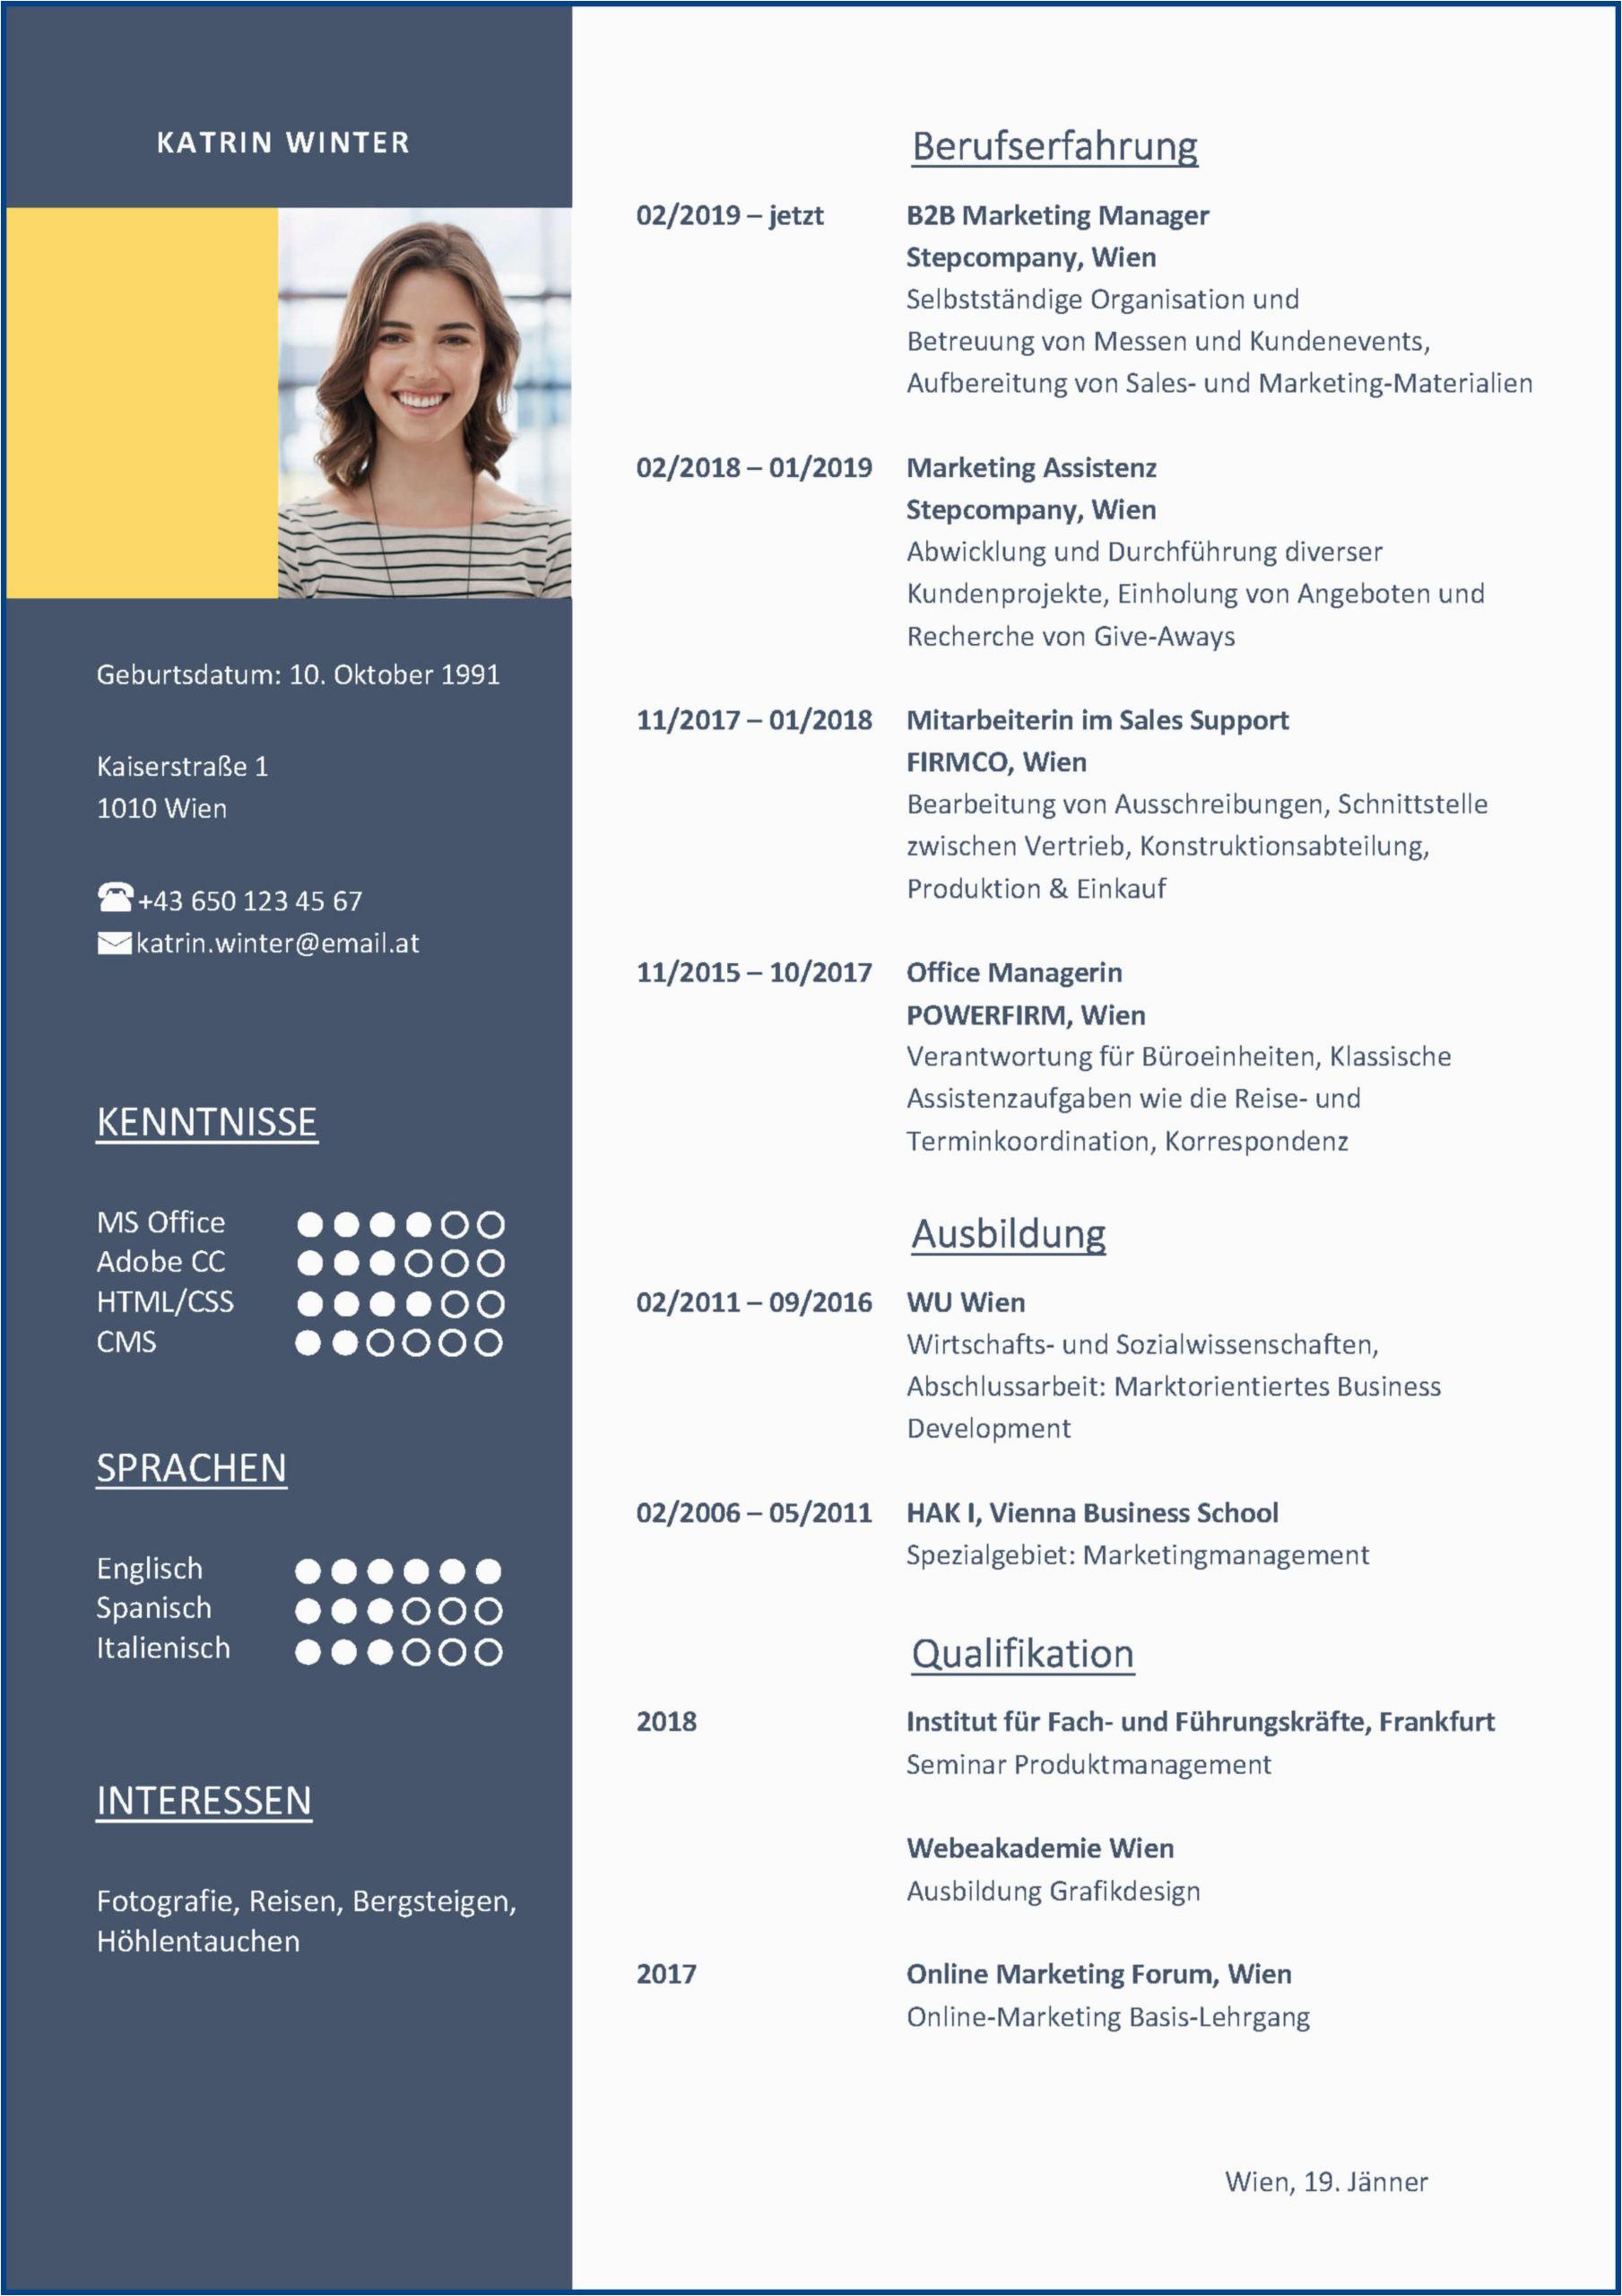 Moderner Business Lebenslauf Der Perfekte Lebenslauf Aufbau Tipps Und Vorlagen